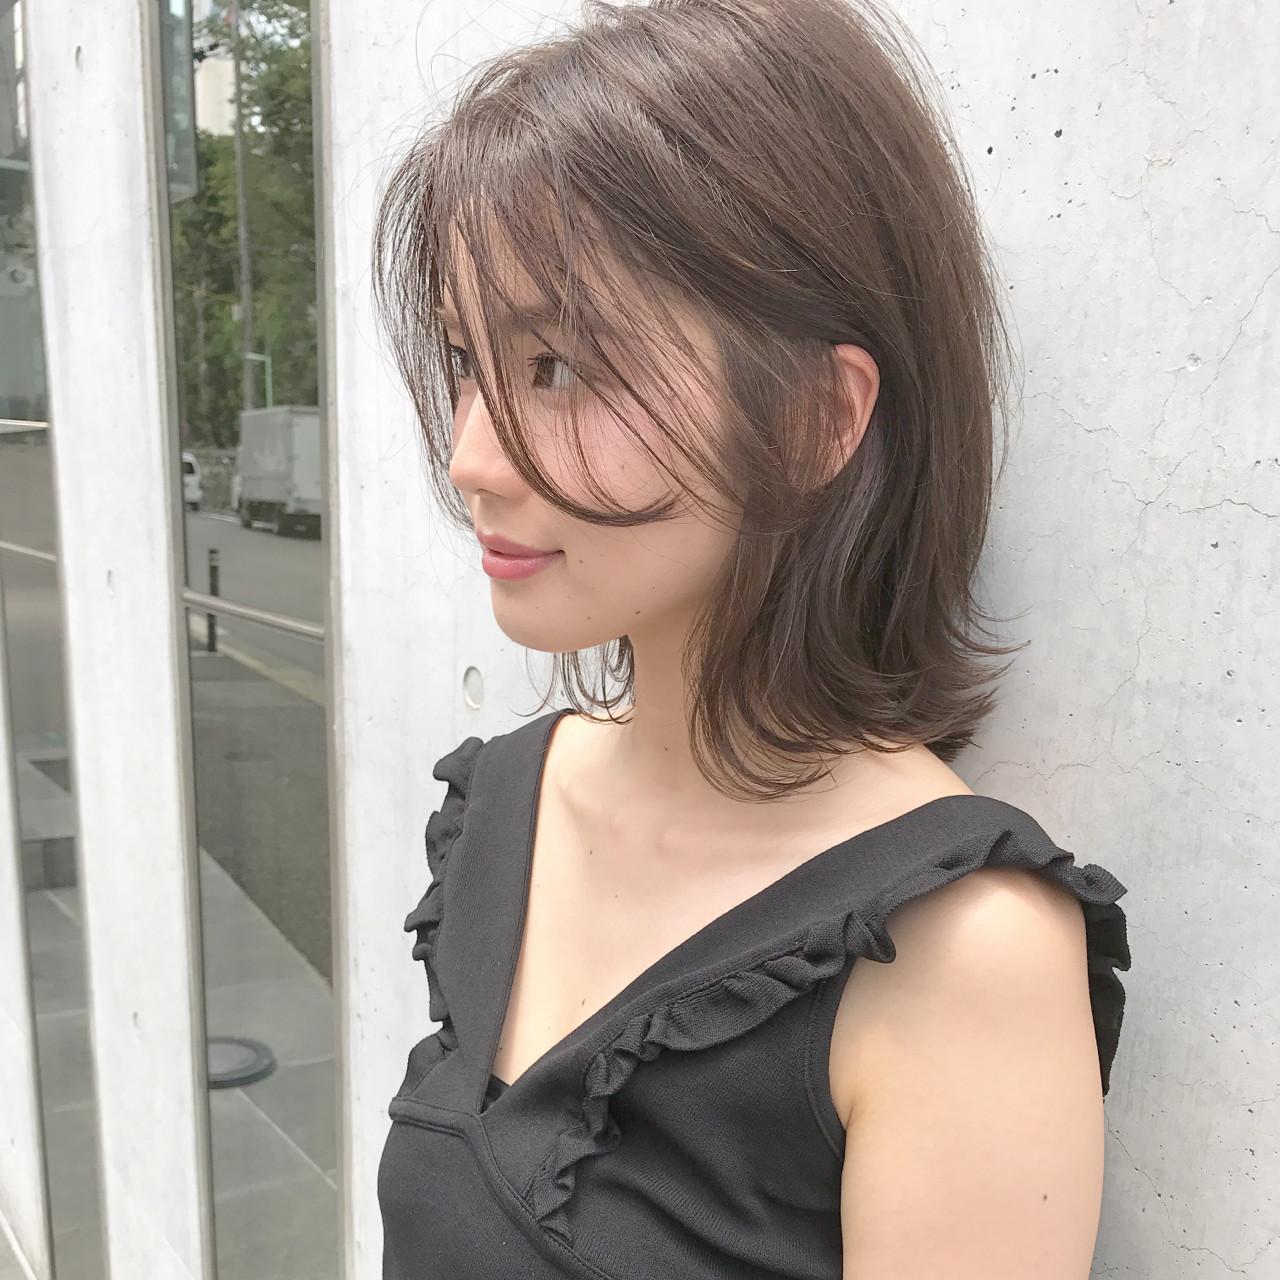 ナチュラル 暗髪 ミディアム 抜け感 ヘアスタイルや髪型の写真・画像 | 祖父江基志 / NOESALON